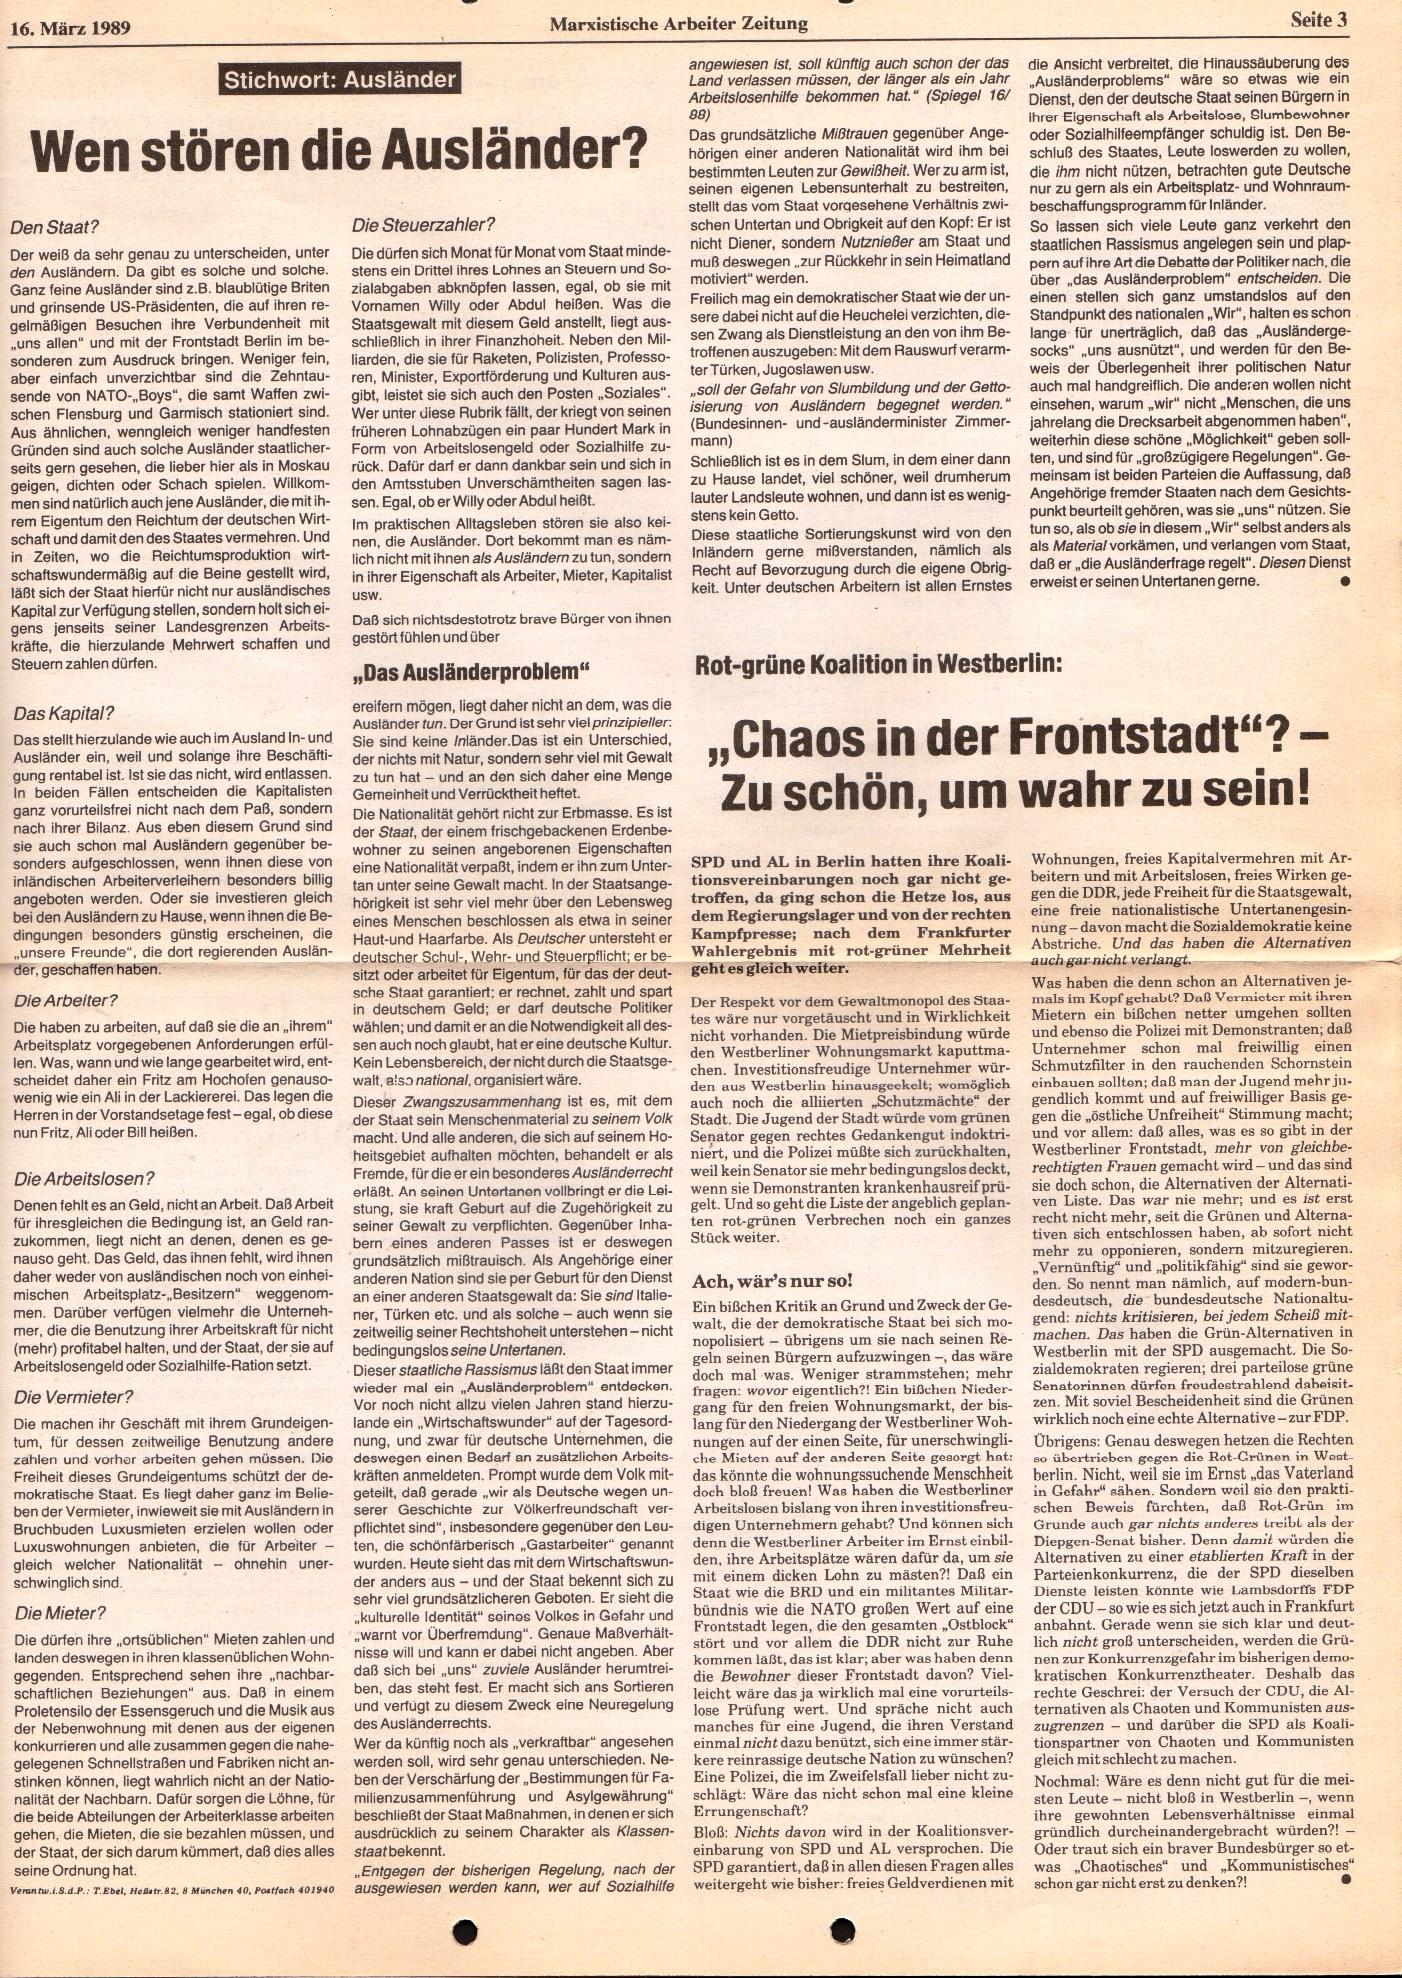 BW_MG_Marxistische_Arbeiterzeitung_19890316_03